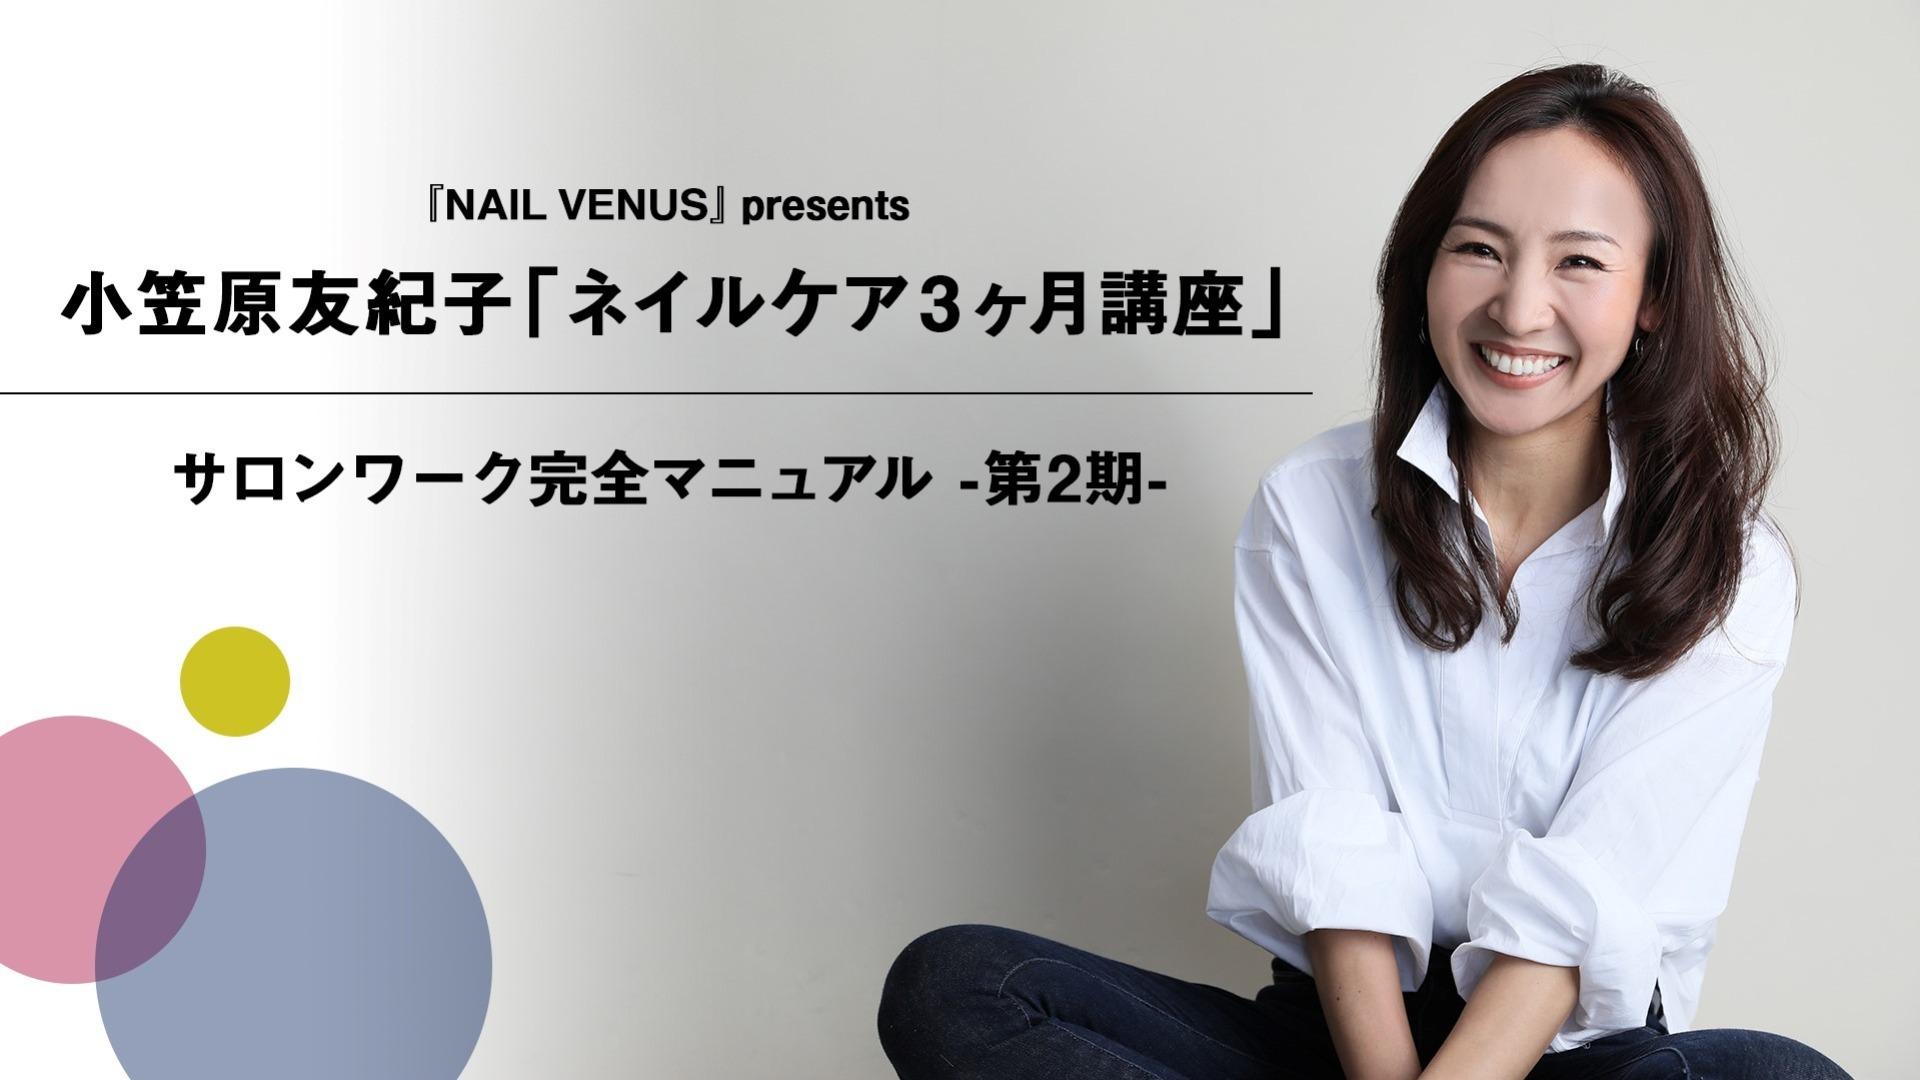 第2期 小笠原友紀子 ネイルケア3ヶ月講座サロンワーク完全マニュアル